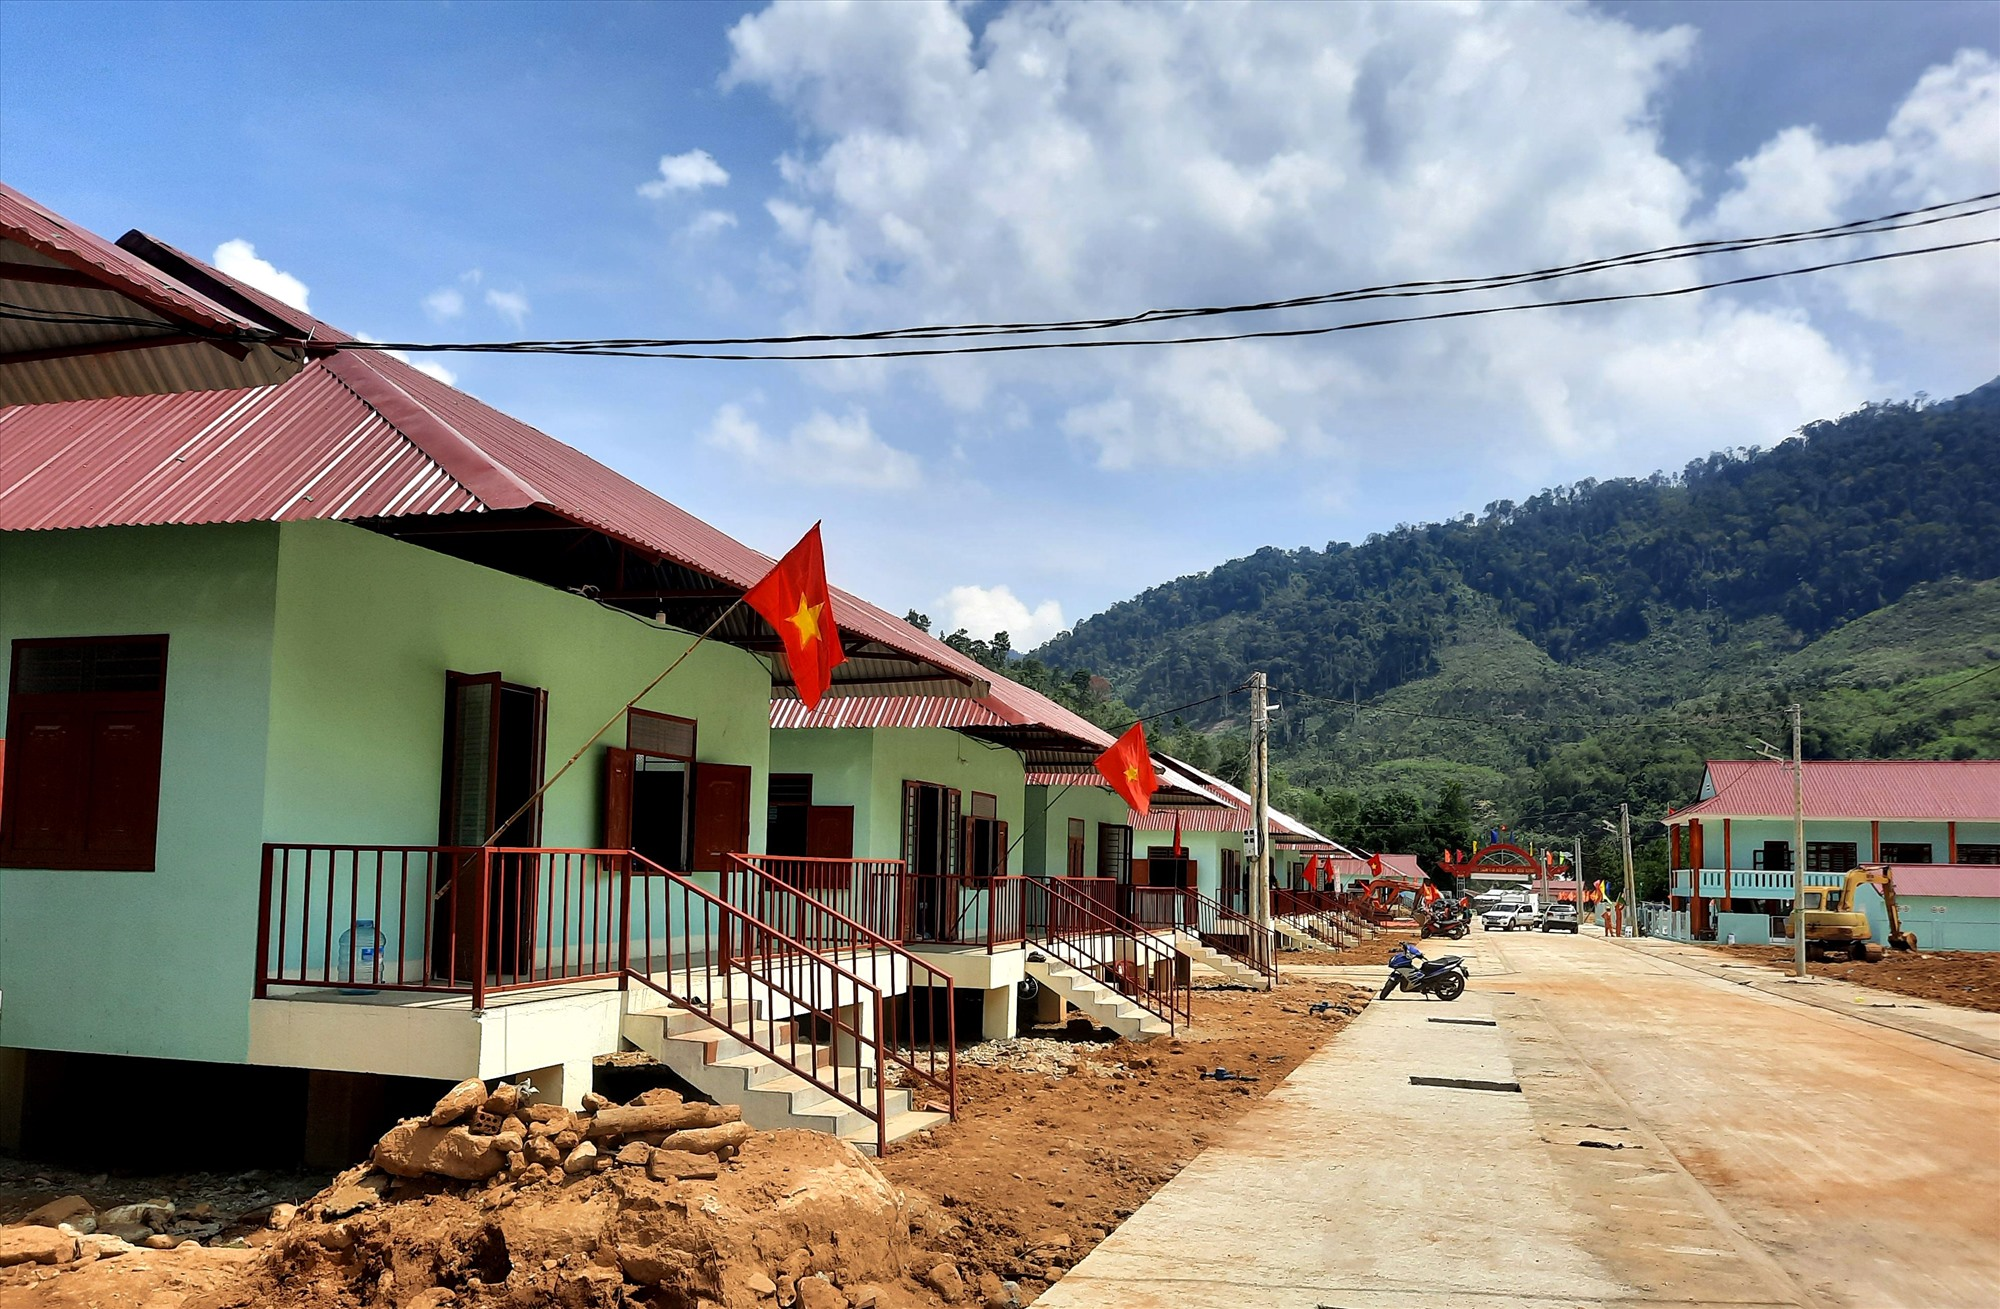 Khu tái định cư Bằng La (xã Trà Leng, Nam Trà My) được kỳ vọng sẽ giúp người dân ổn định cuộc sống sau thiên tai. Ảnh: GIANG NGỌC